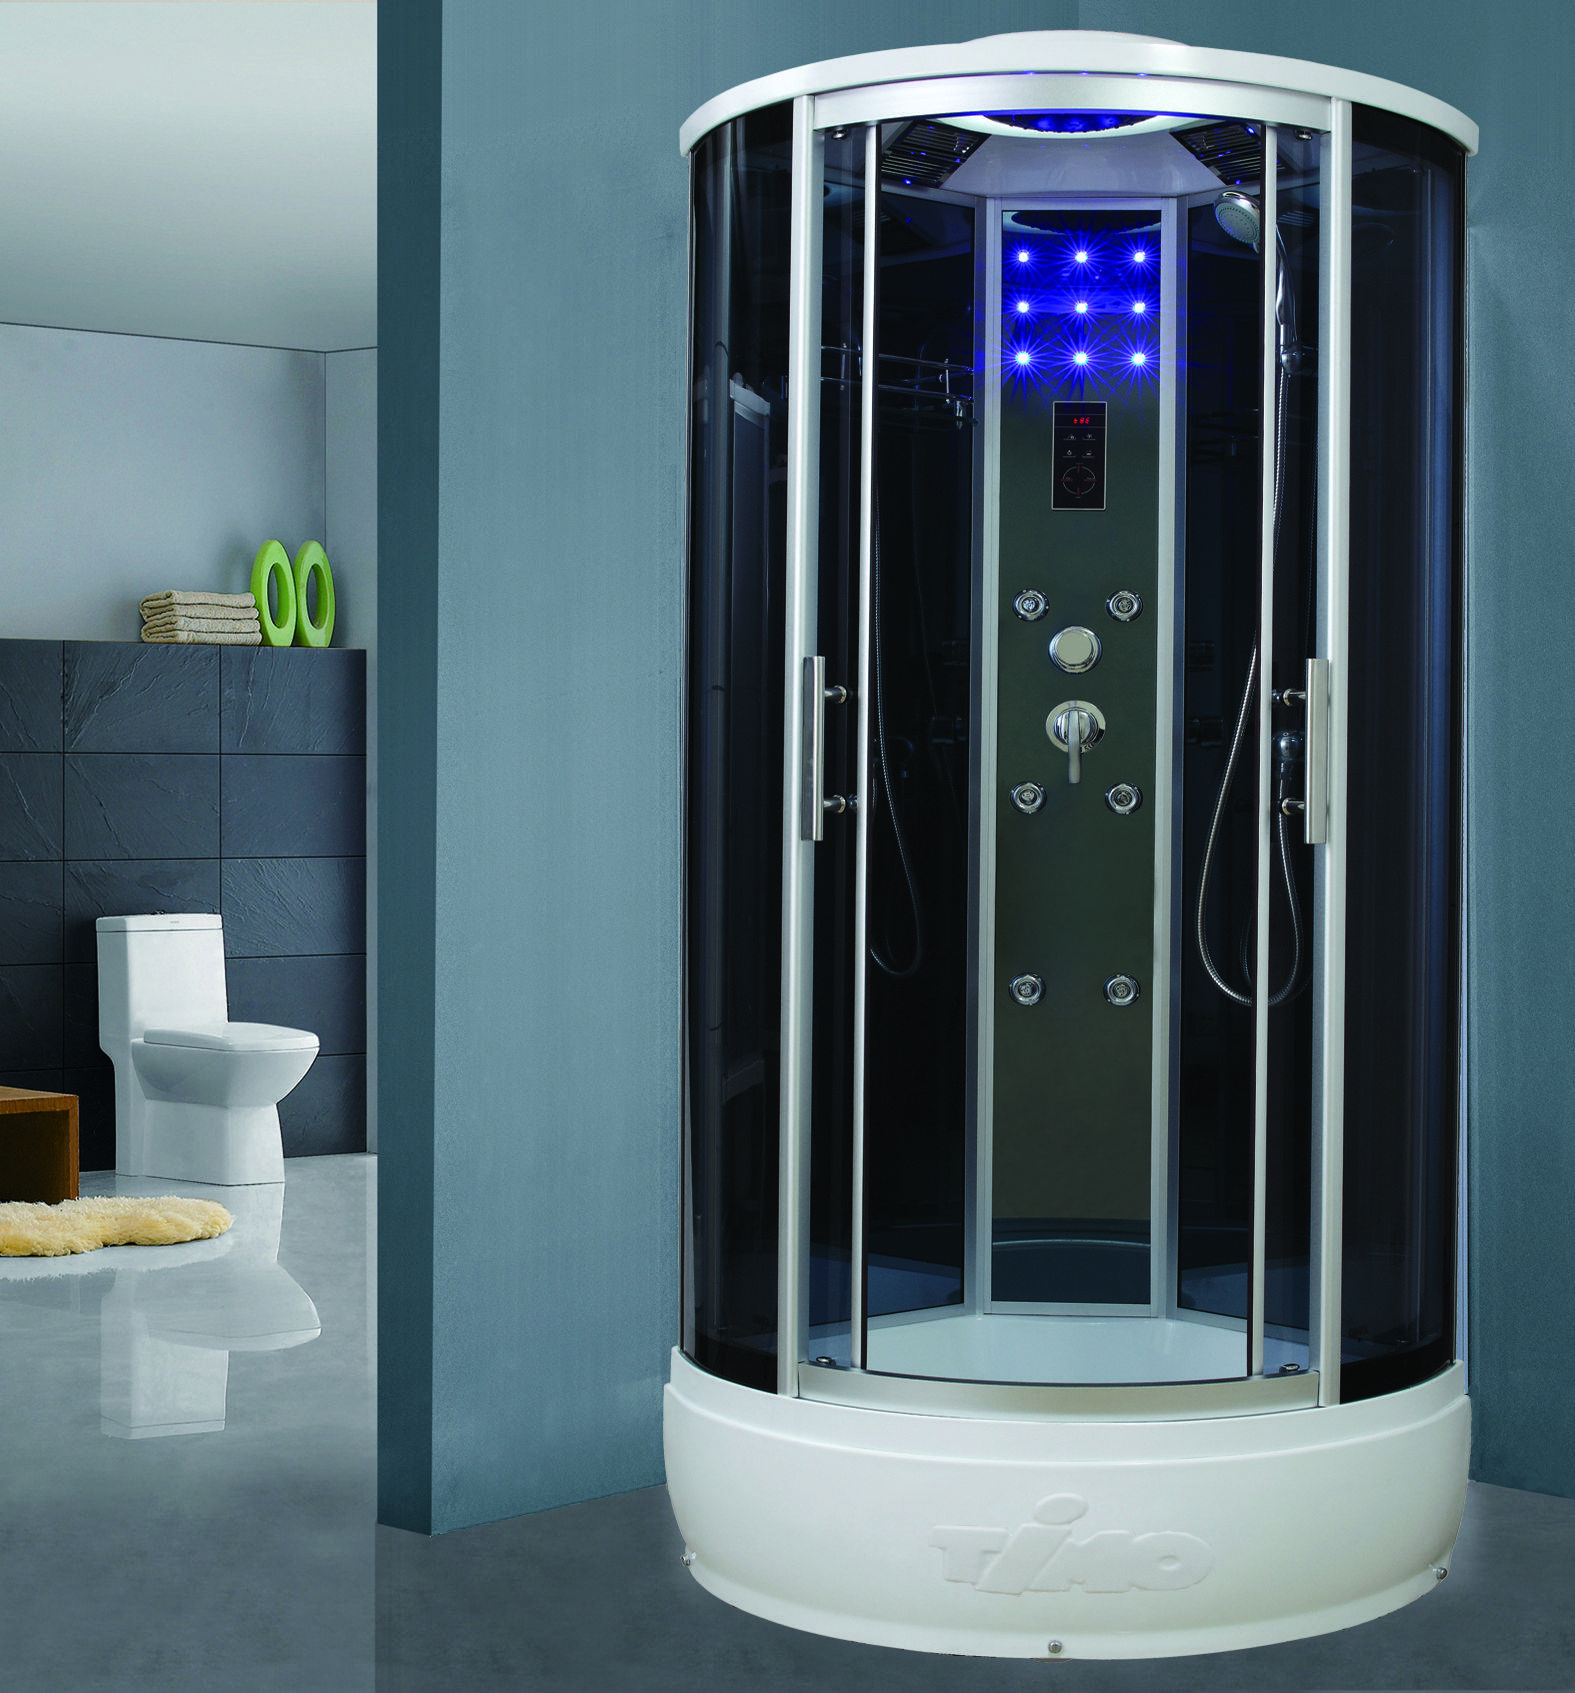 Как выбрать душевую кабину для ванной комнаты: советы и рекомендации | умный выбор | яндекс дзен